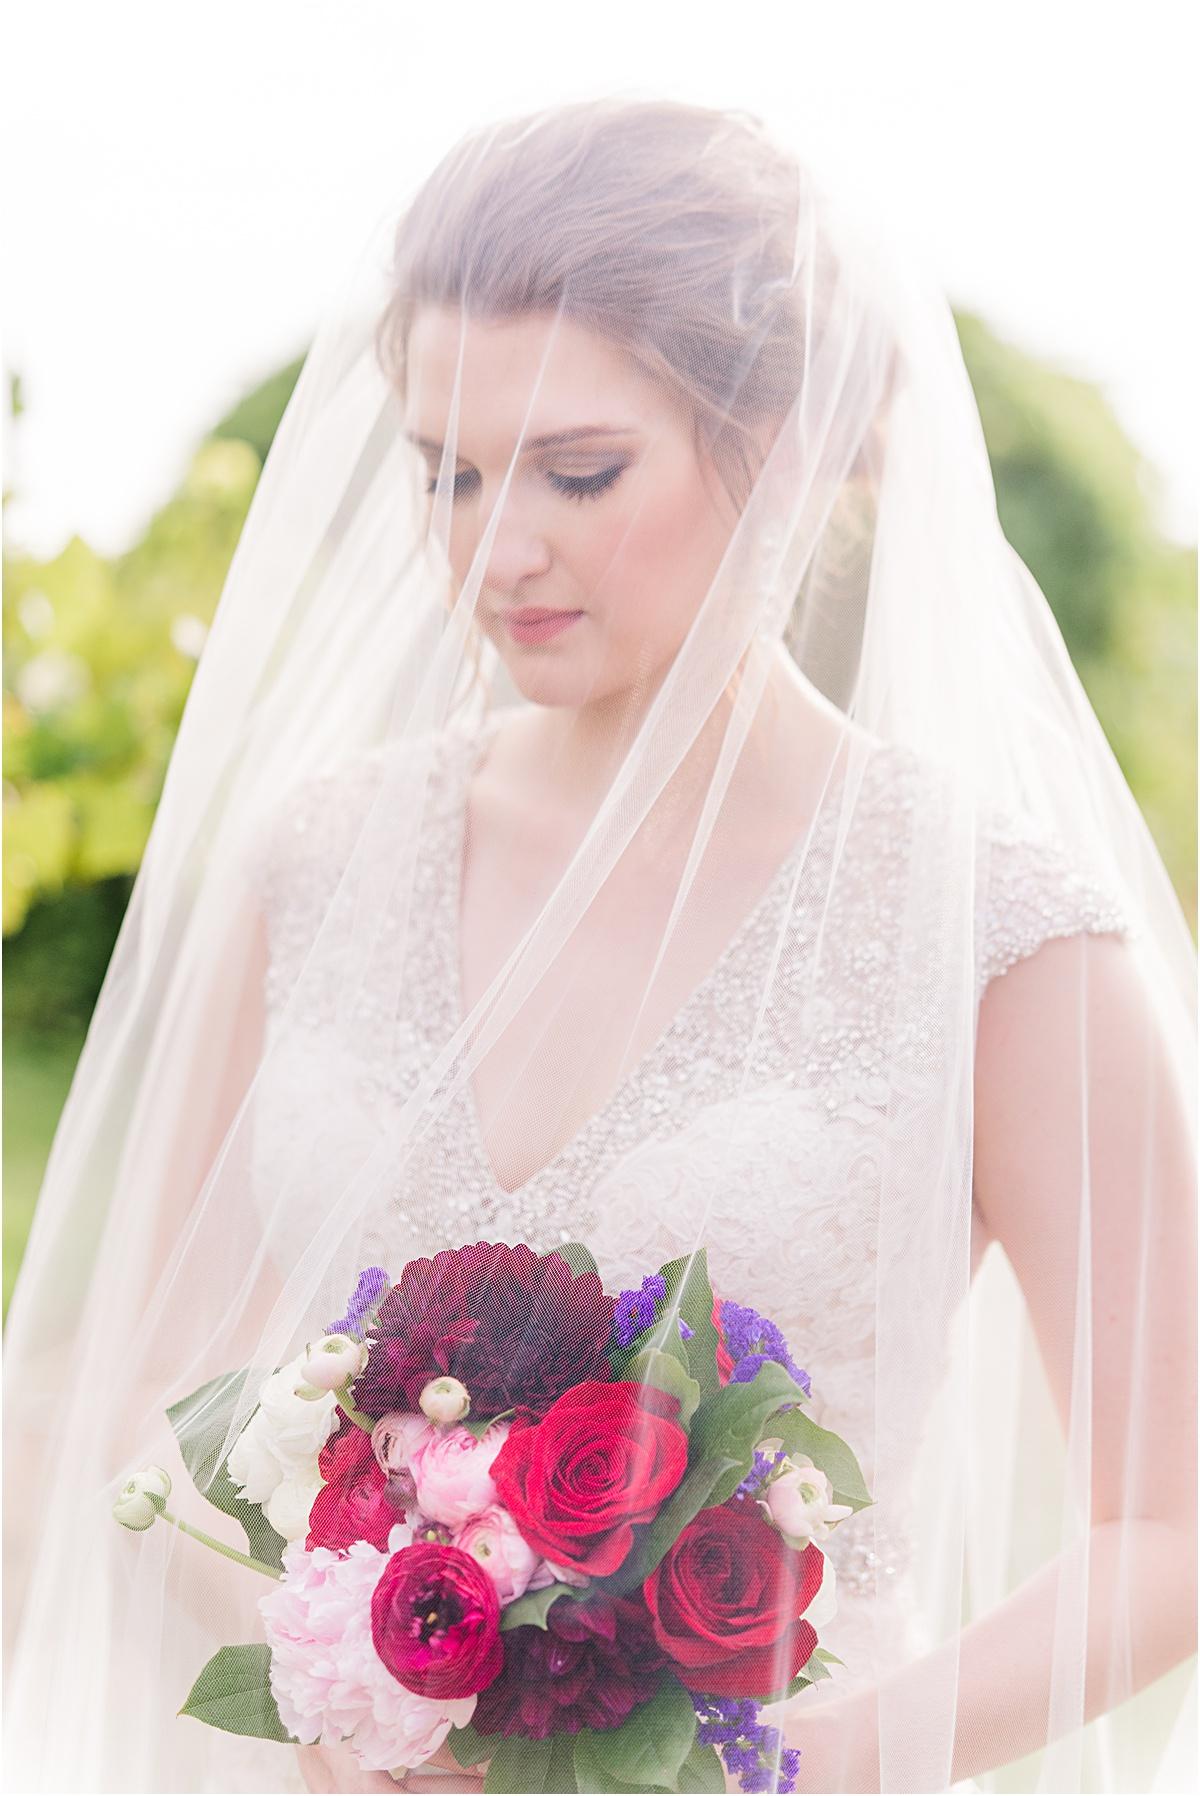 Arkansas bride veil